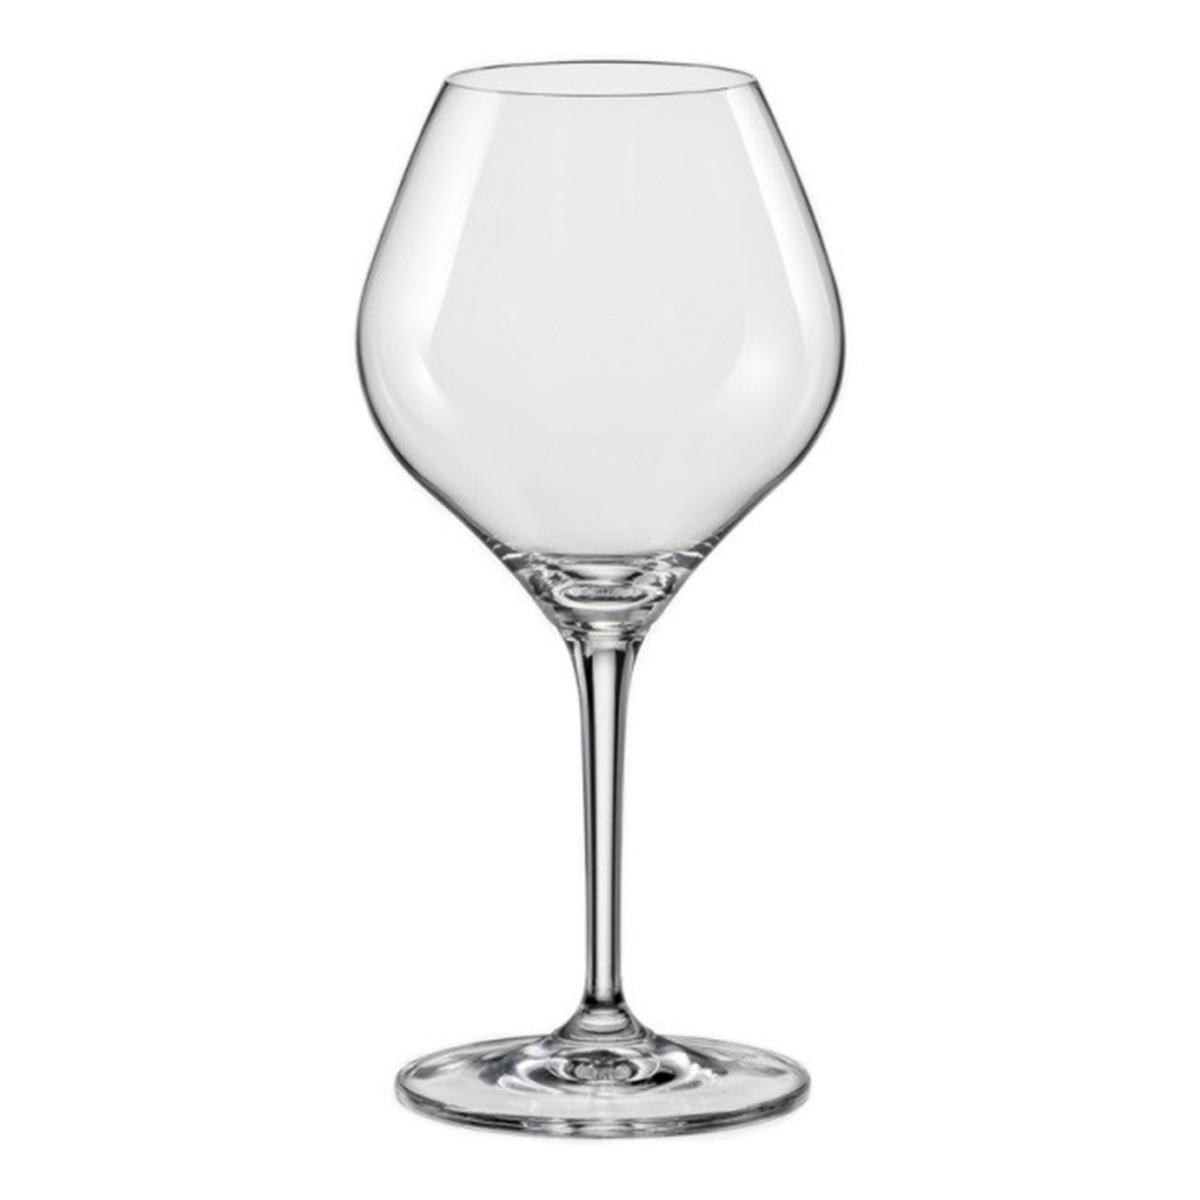 Набор бокалов для вина Bohemia Crystal Аморосо, 350 мл, 2 шт набор бокалов для бренди коралл 40600 q8105 400 анжела